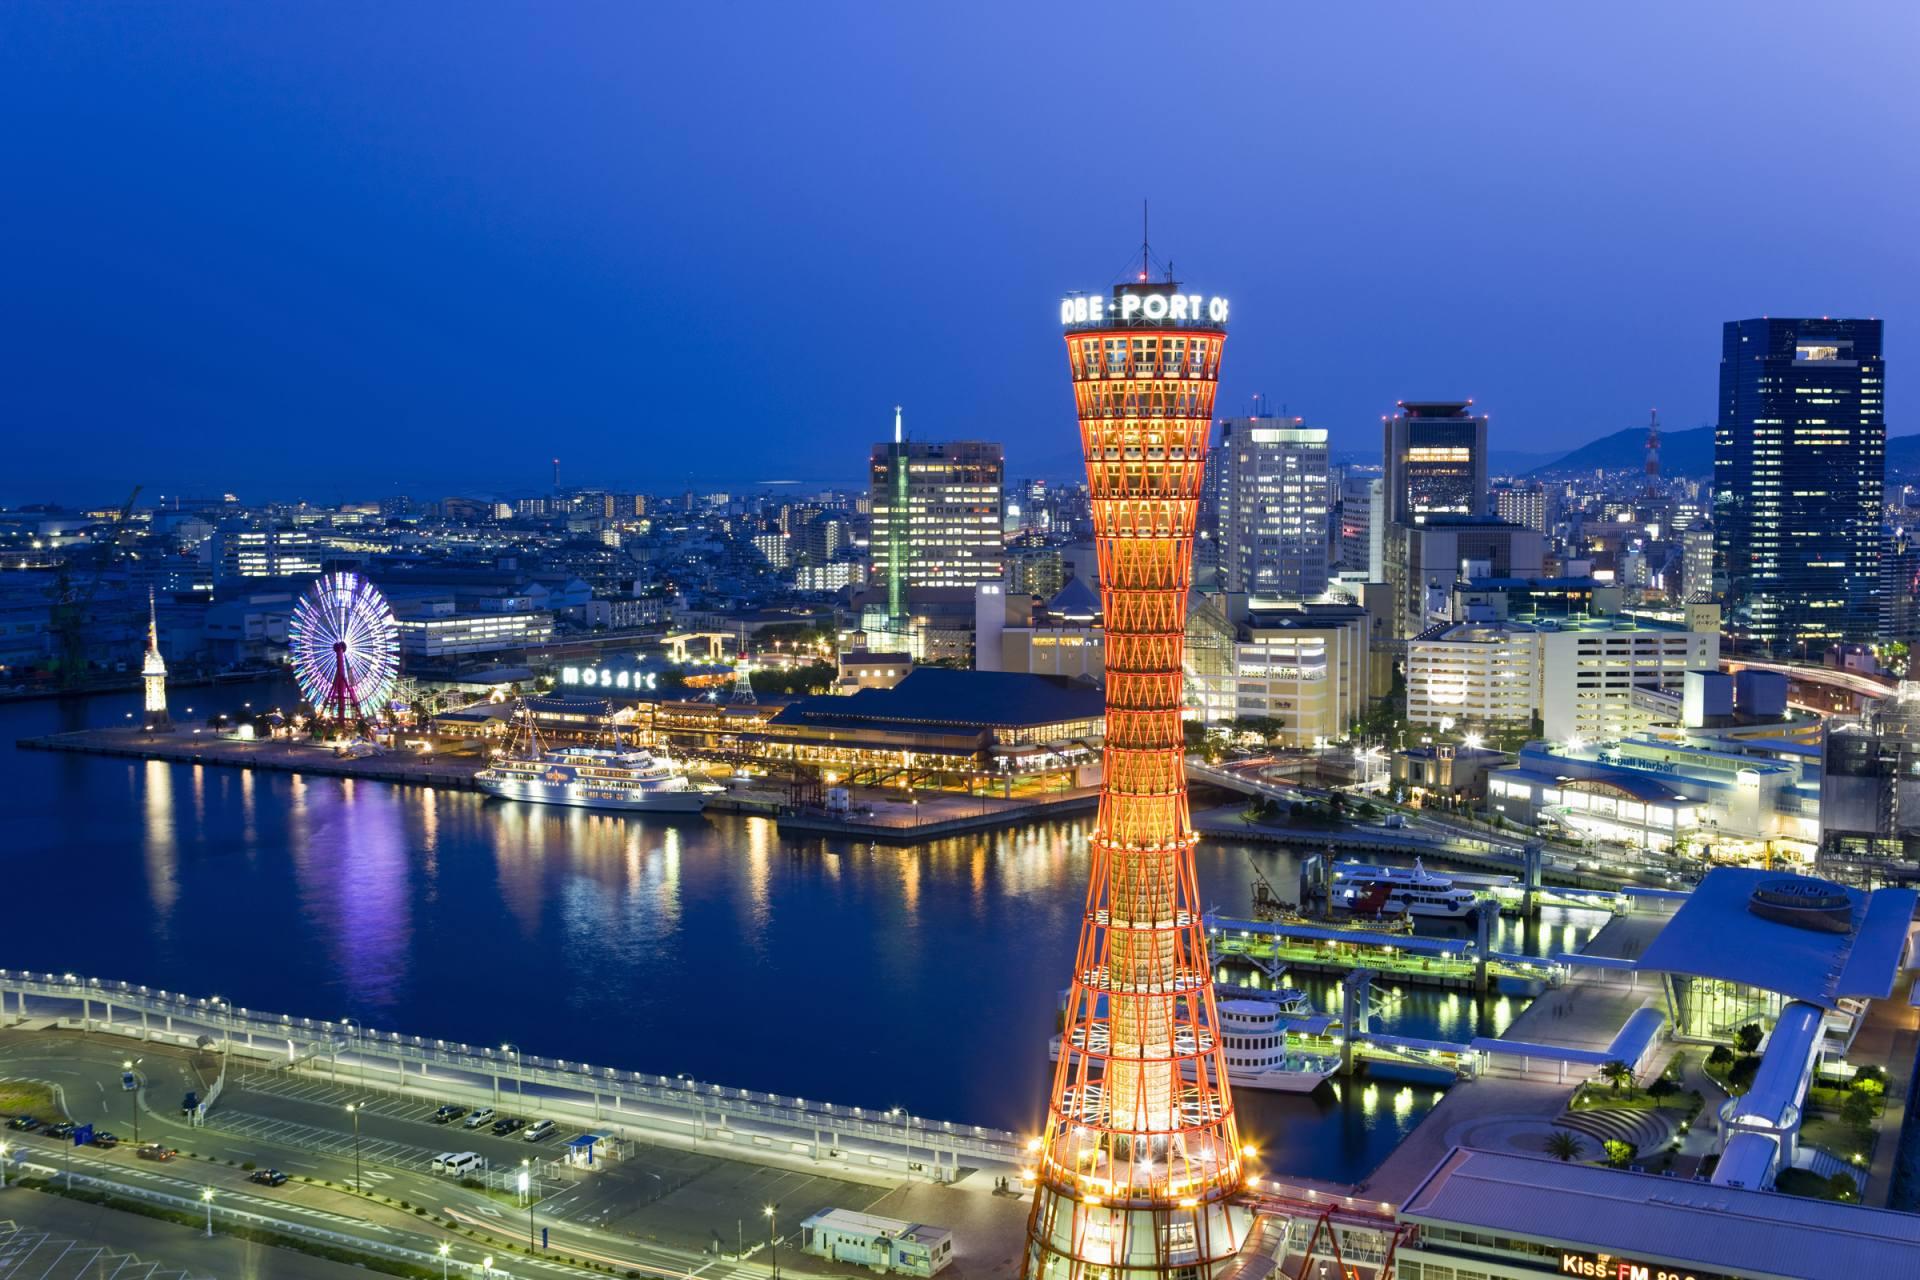 神户临海乐园、神户港灯塔、夜景、摩天轮、瞭望台、360度、umie、镶嵌艺术马赛克